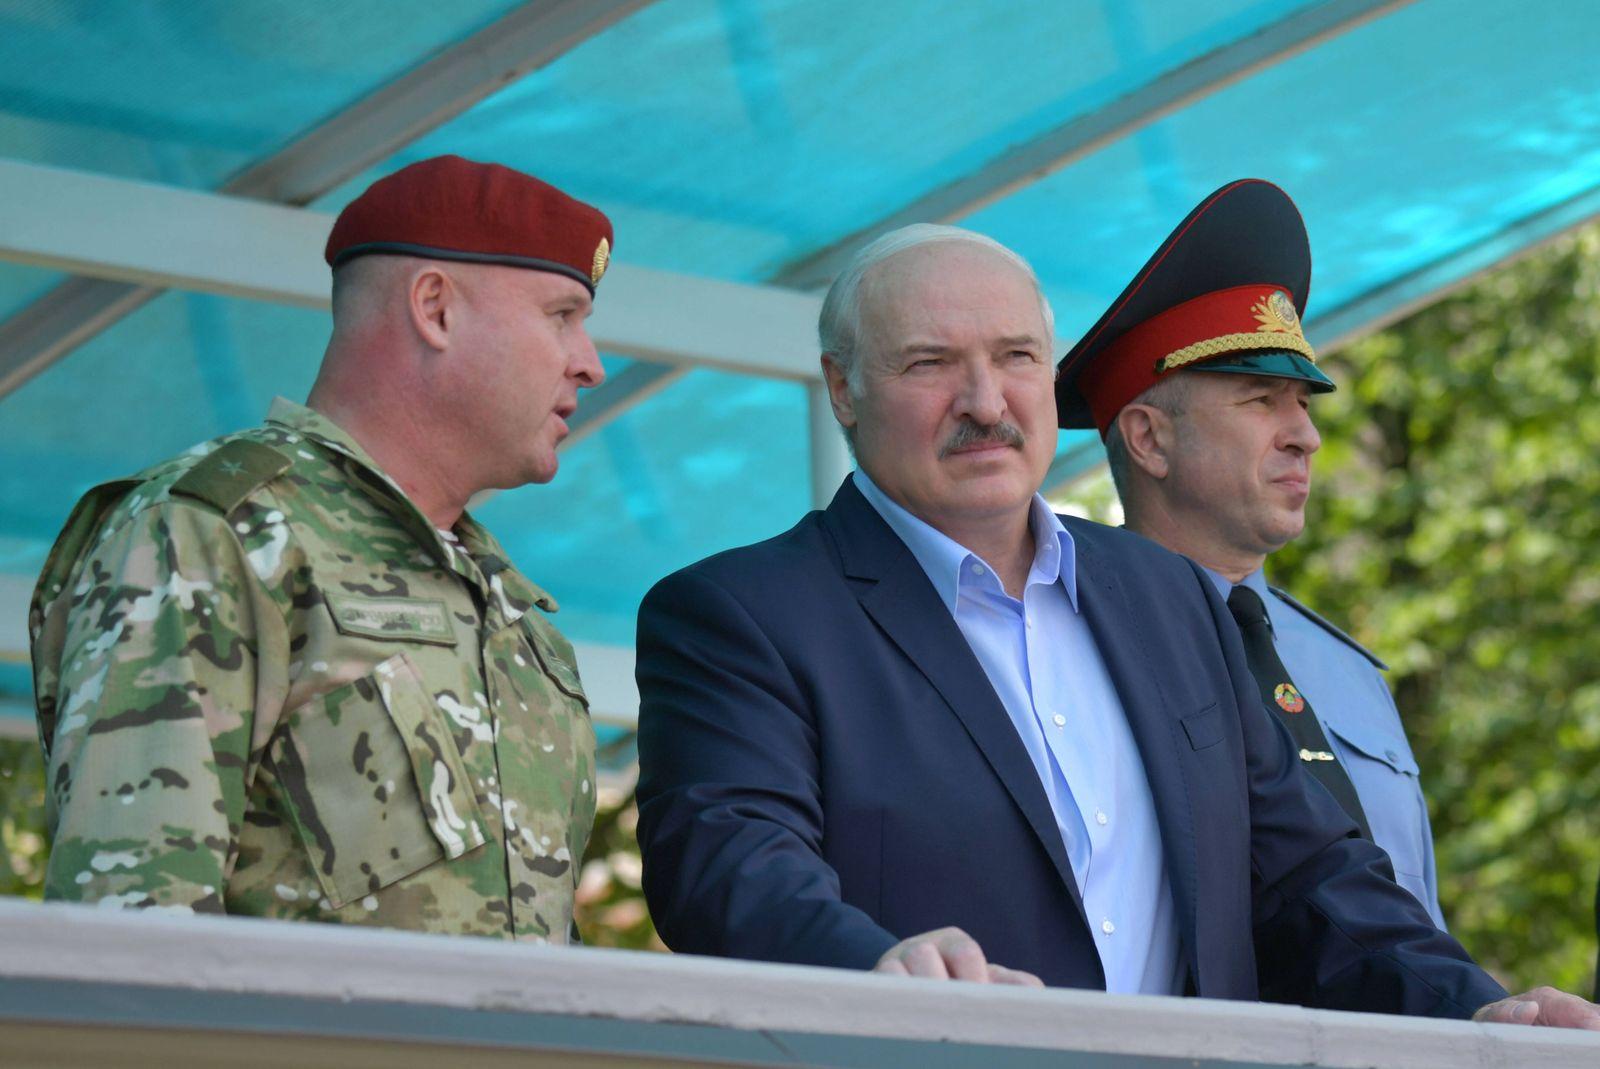 MINSK, BELARUS - JULY 28, 2020: The President of Belarus, Alexander Lukashenko (C) visits No 3214 Unit of the Internal